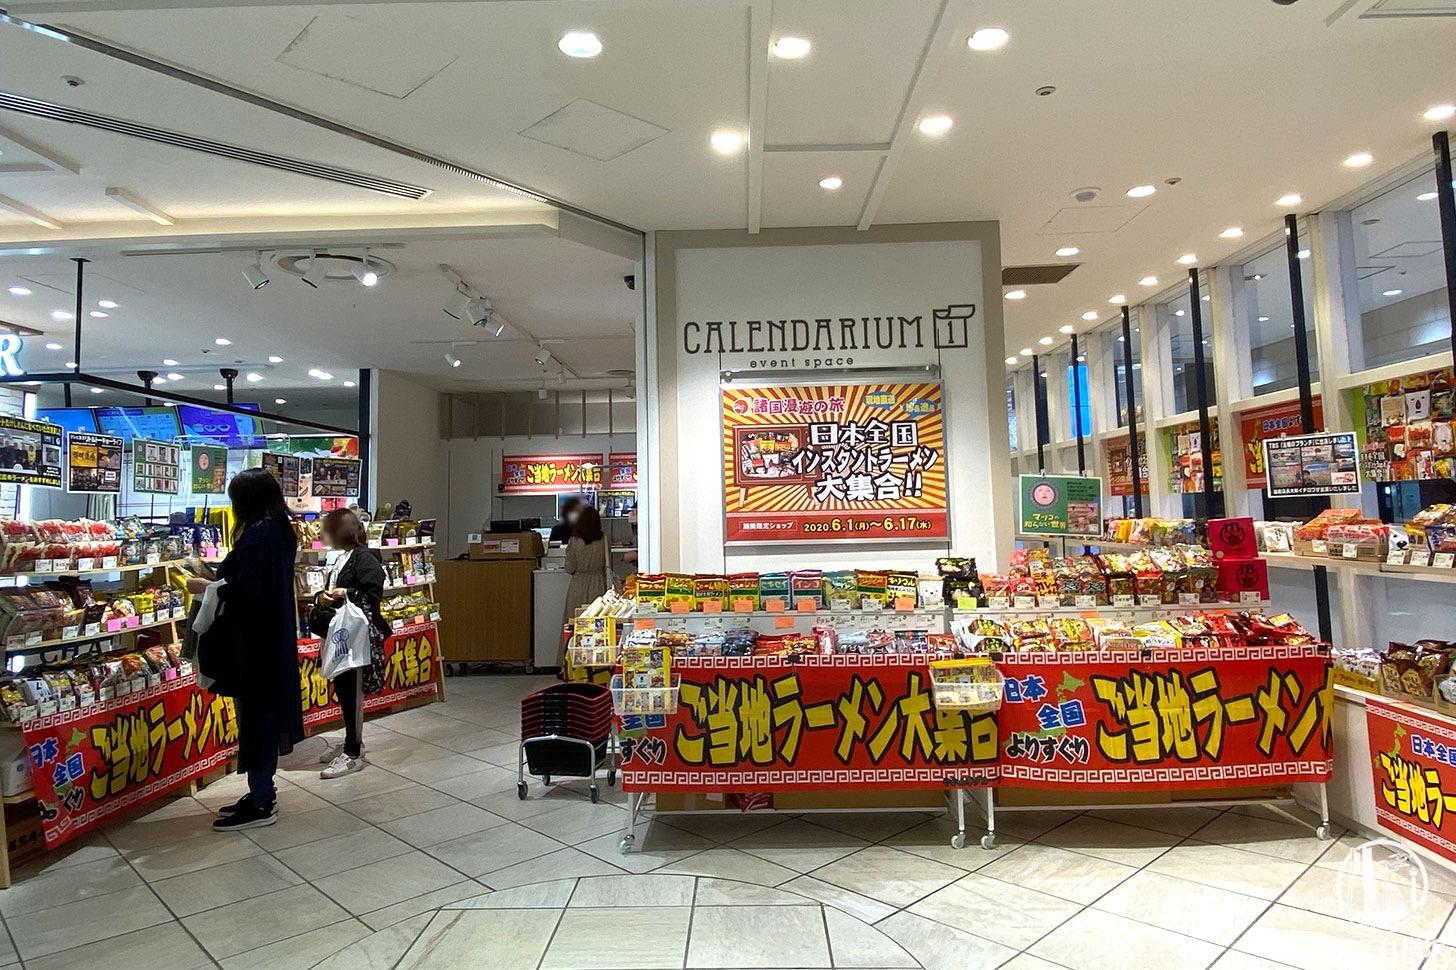 横浜に日本各地のご当地インスタントラーメン大集結!初見のラーメン多数で楽しい